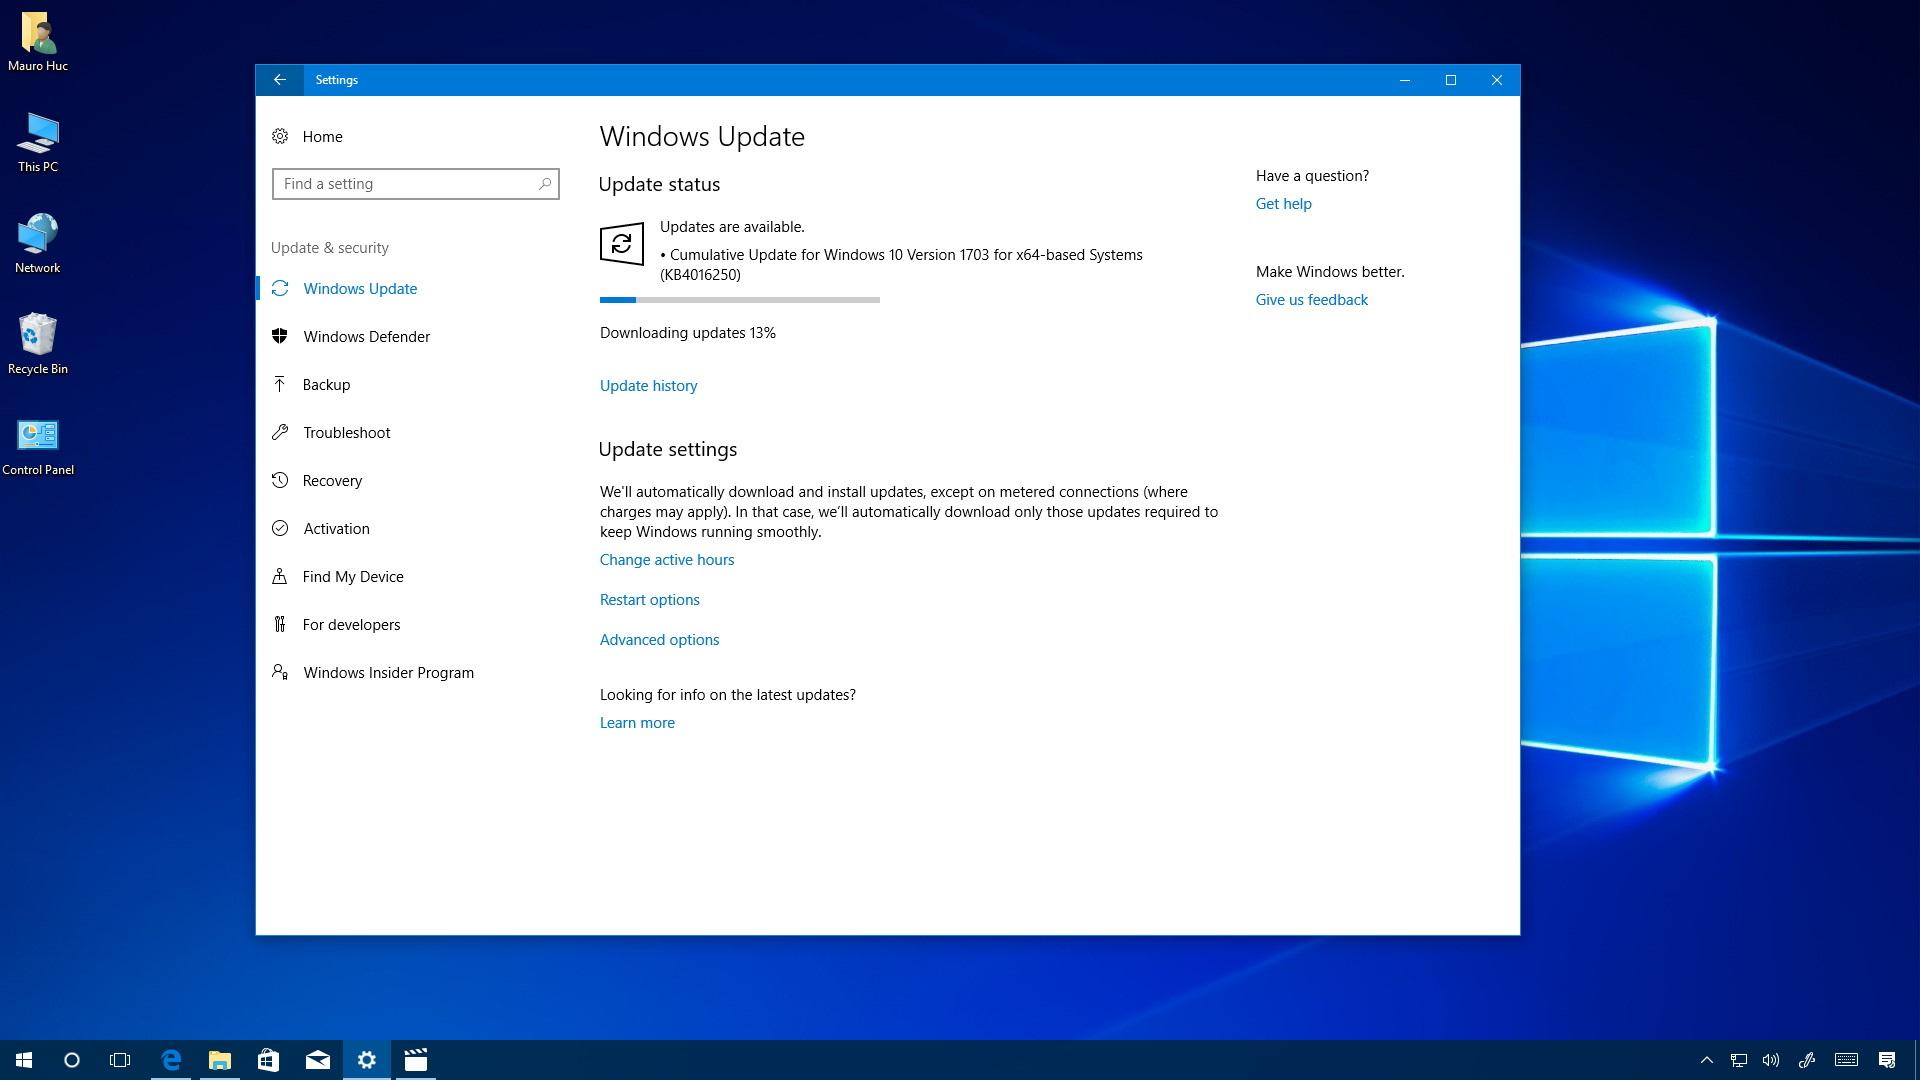 Fall Creators Update Wallpaper Cumulative Update Kb4016250 Releases For Windows 10